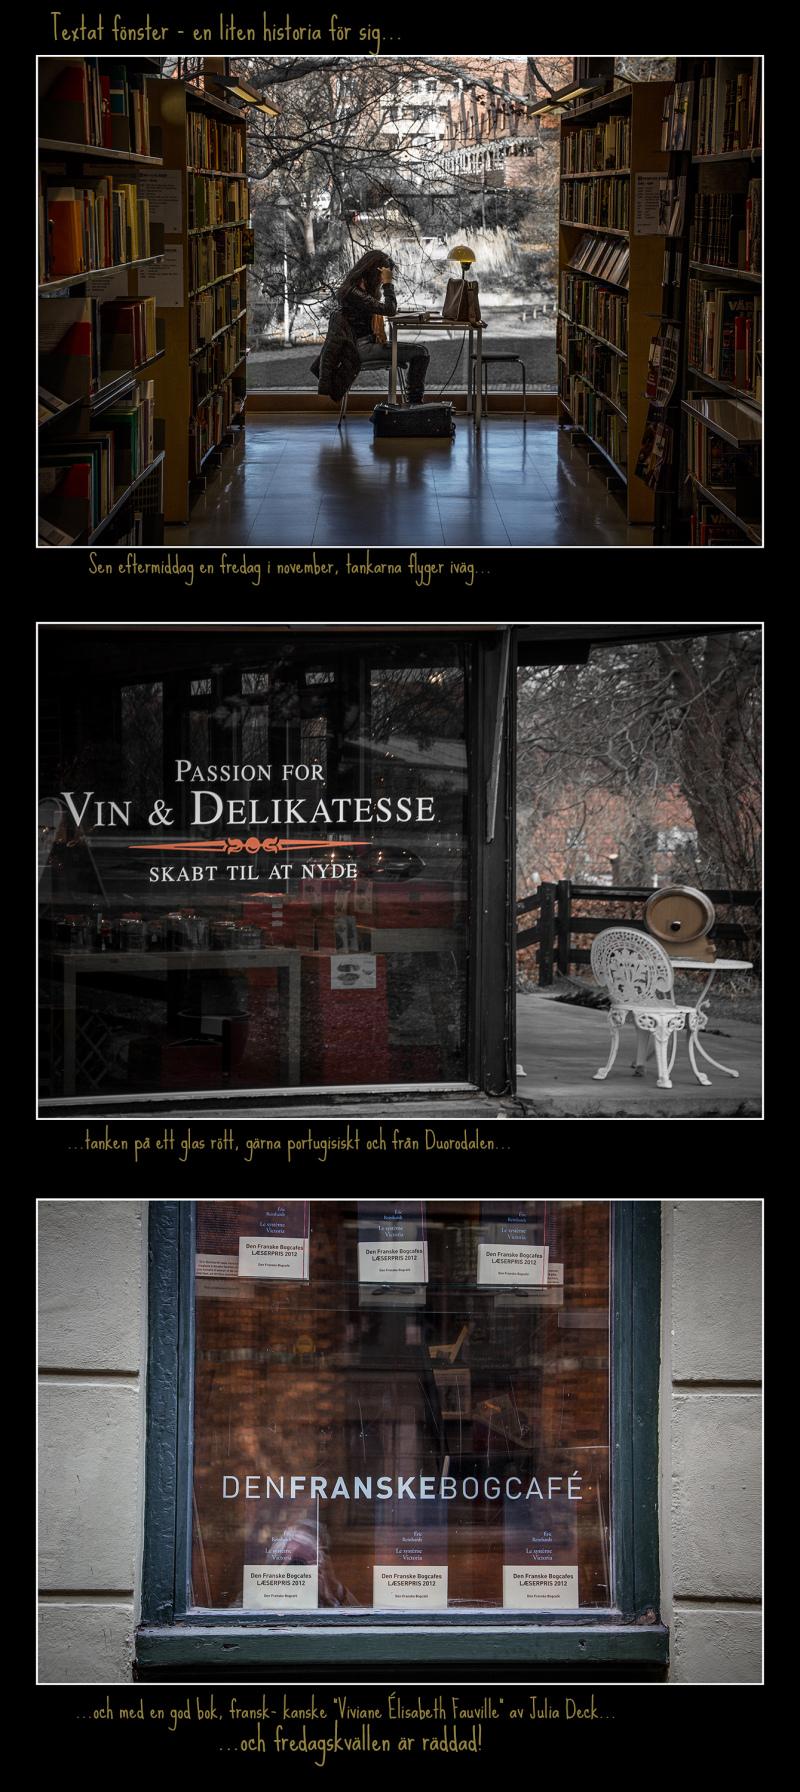 ...textat fönster...